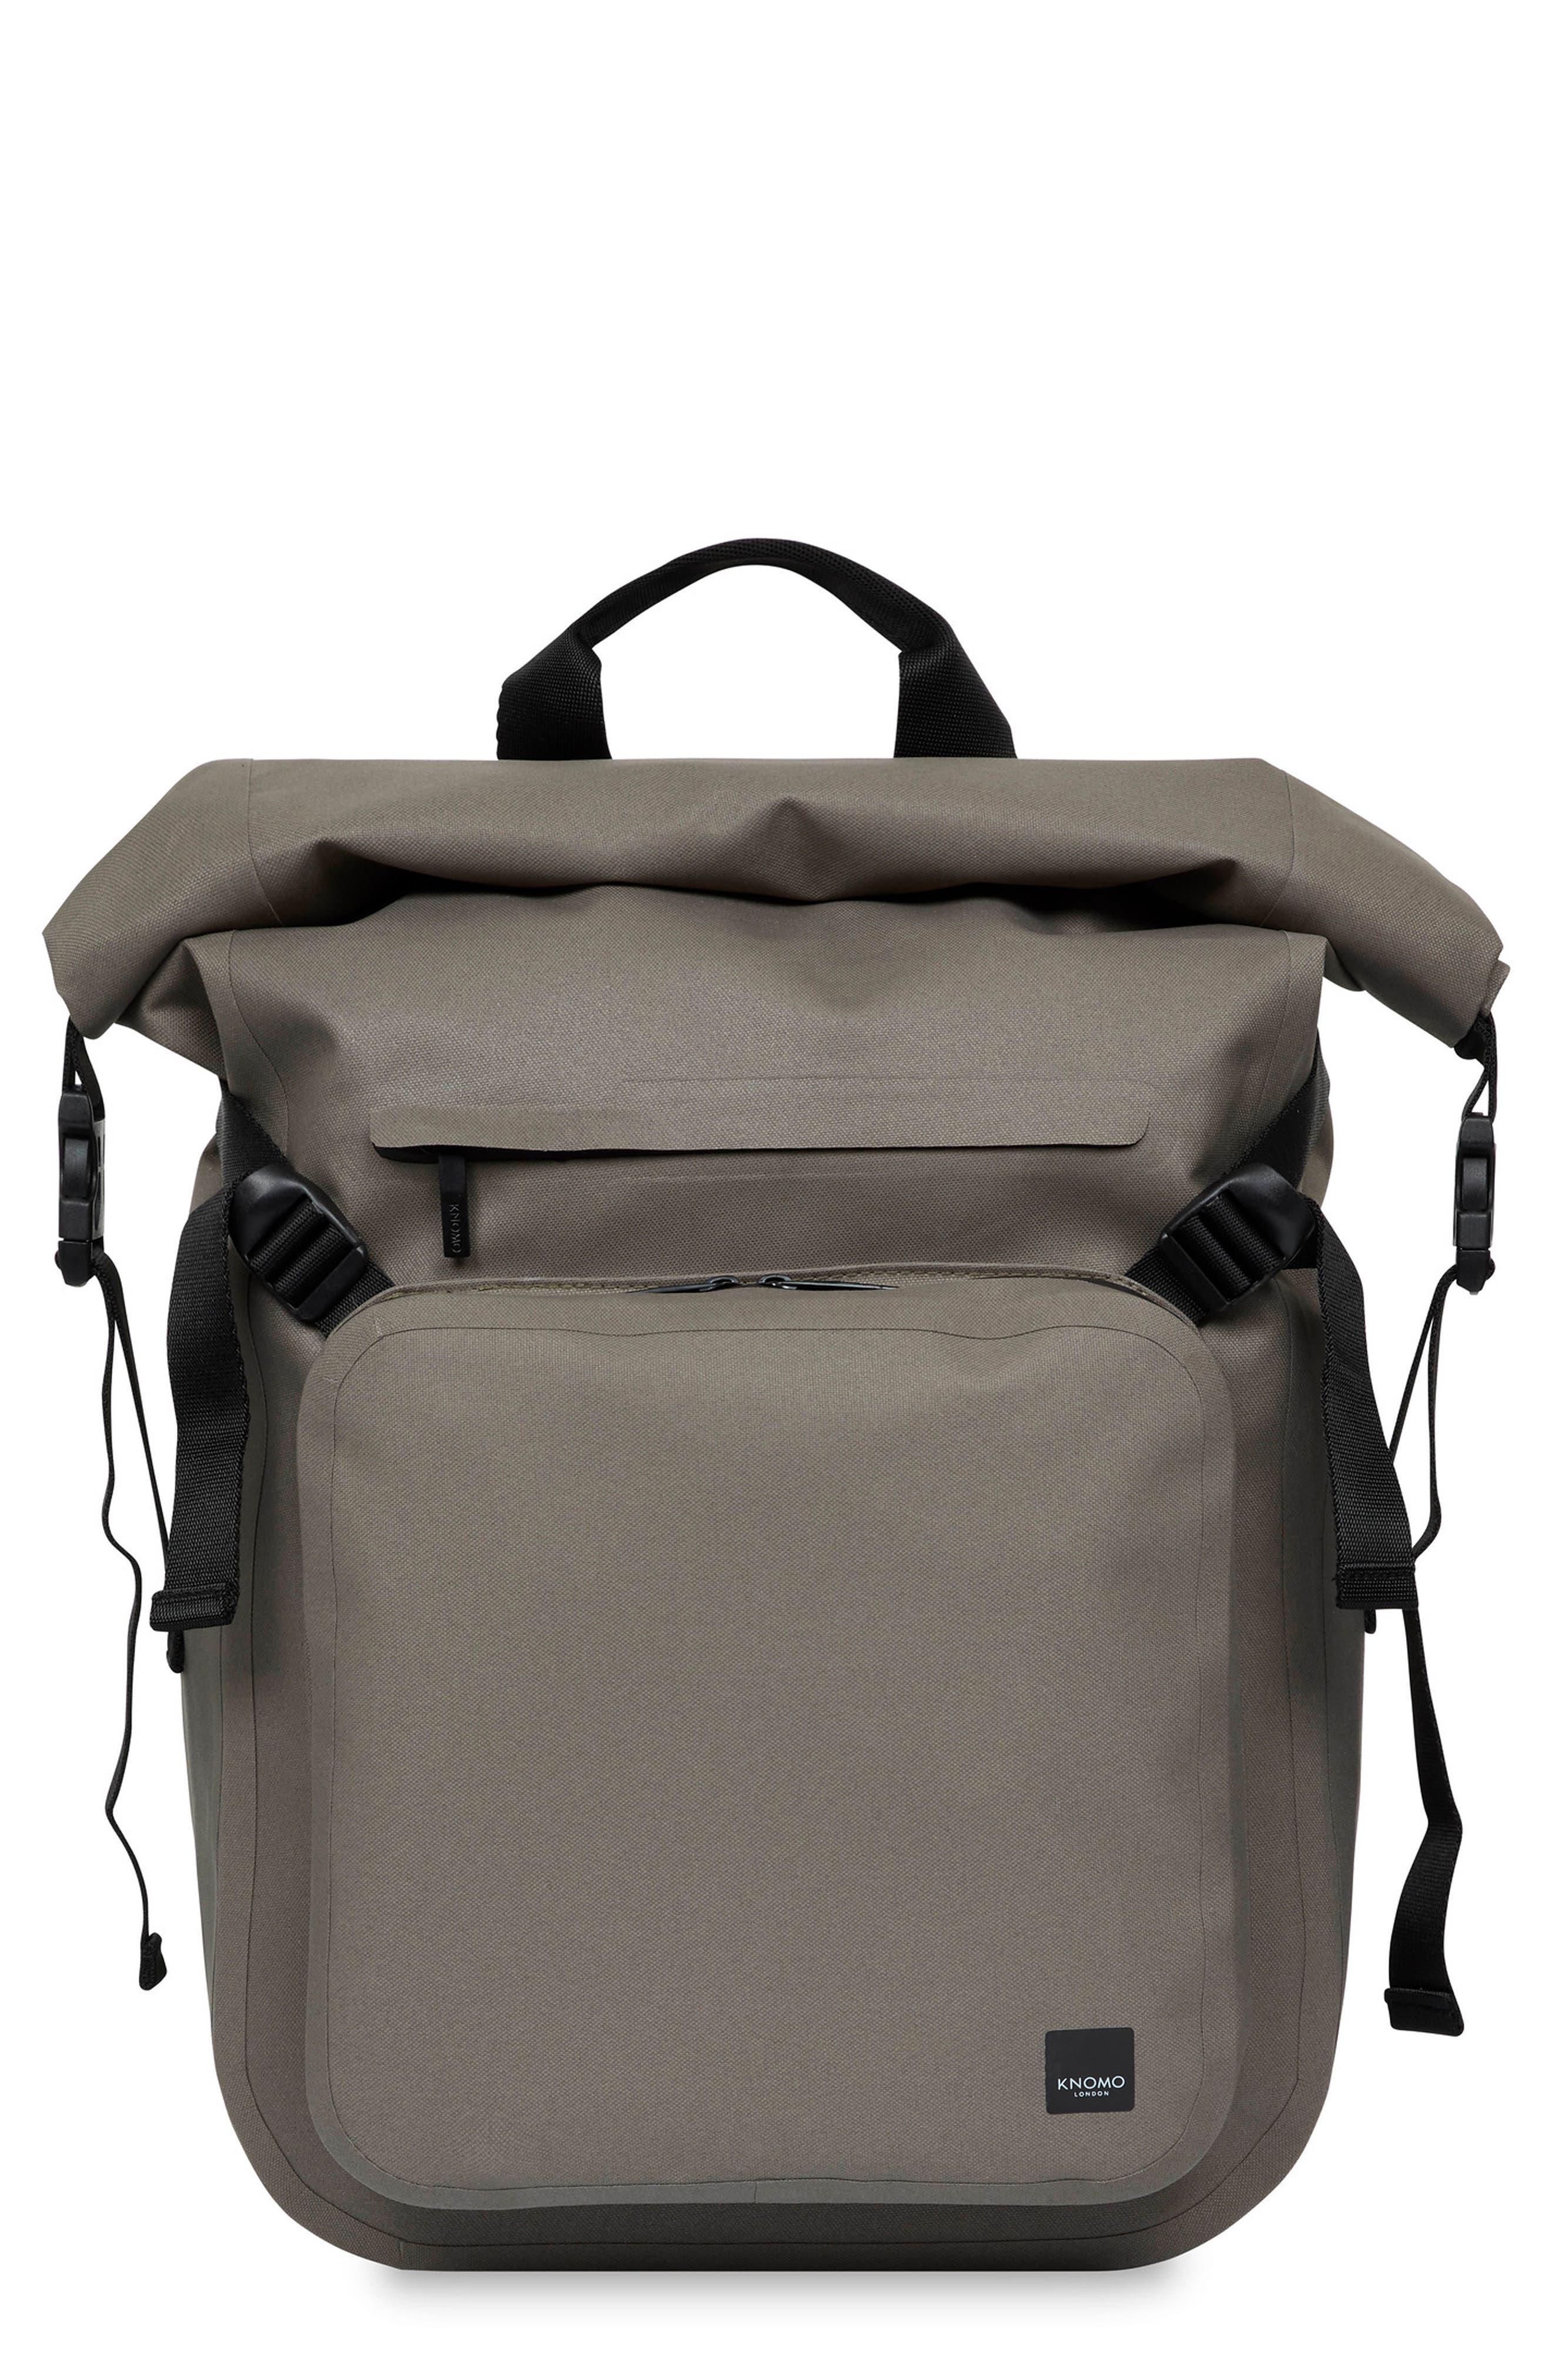 Thames Backpack,                             Main thumbnail 1, color,                             KHAKI